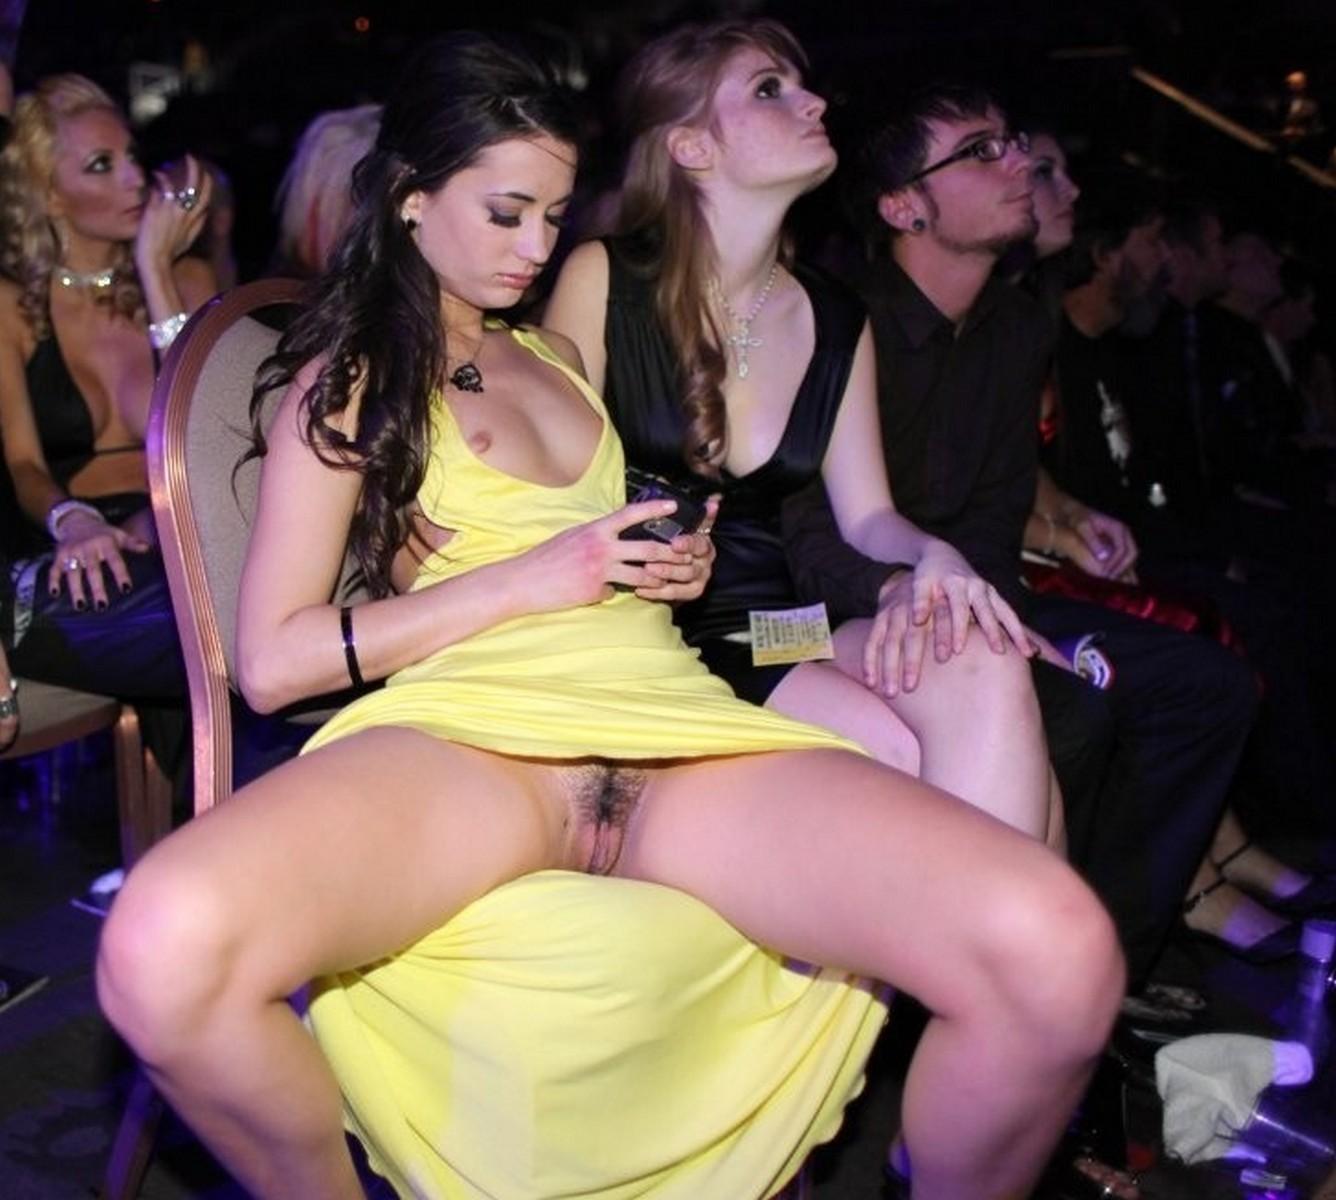 На вечеринках под юбками порно #3